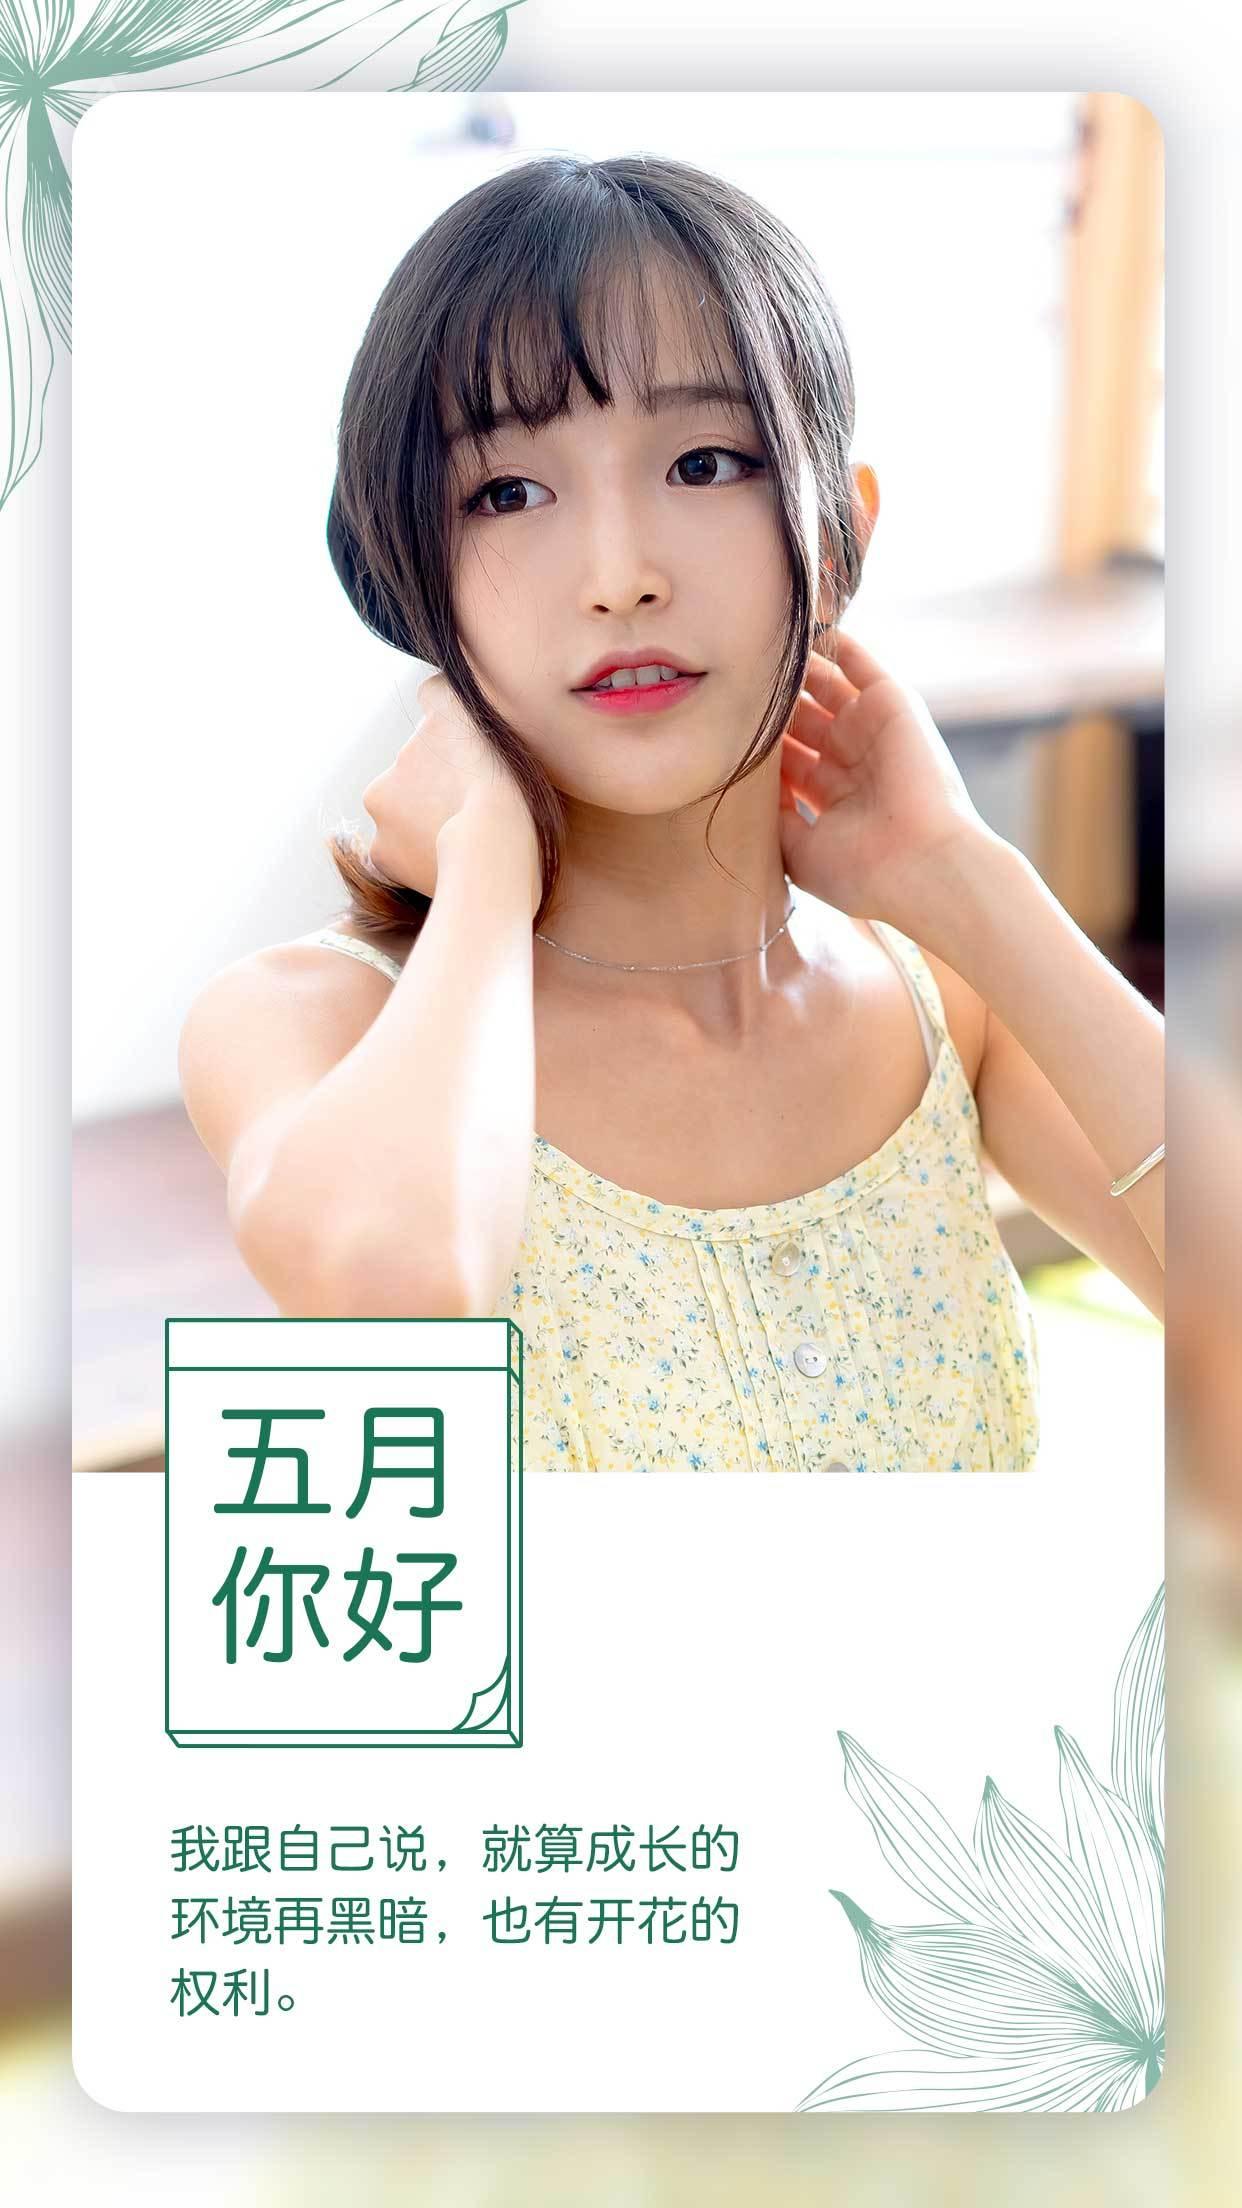 月初问候文艺清新海报